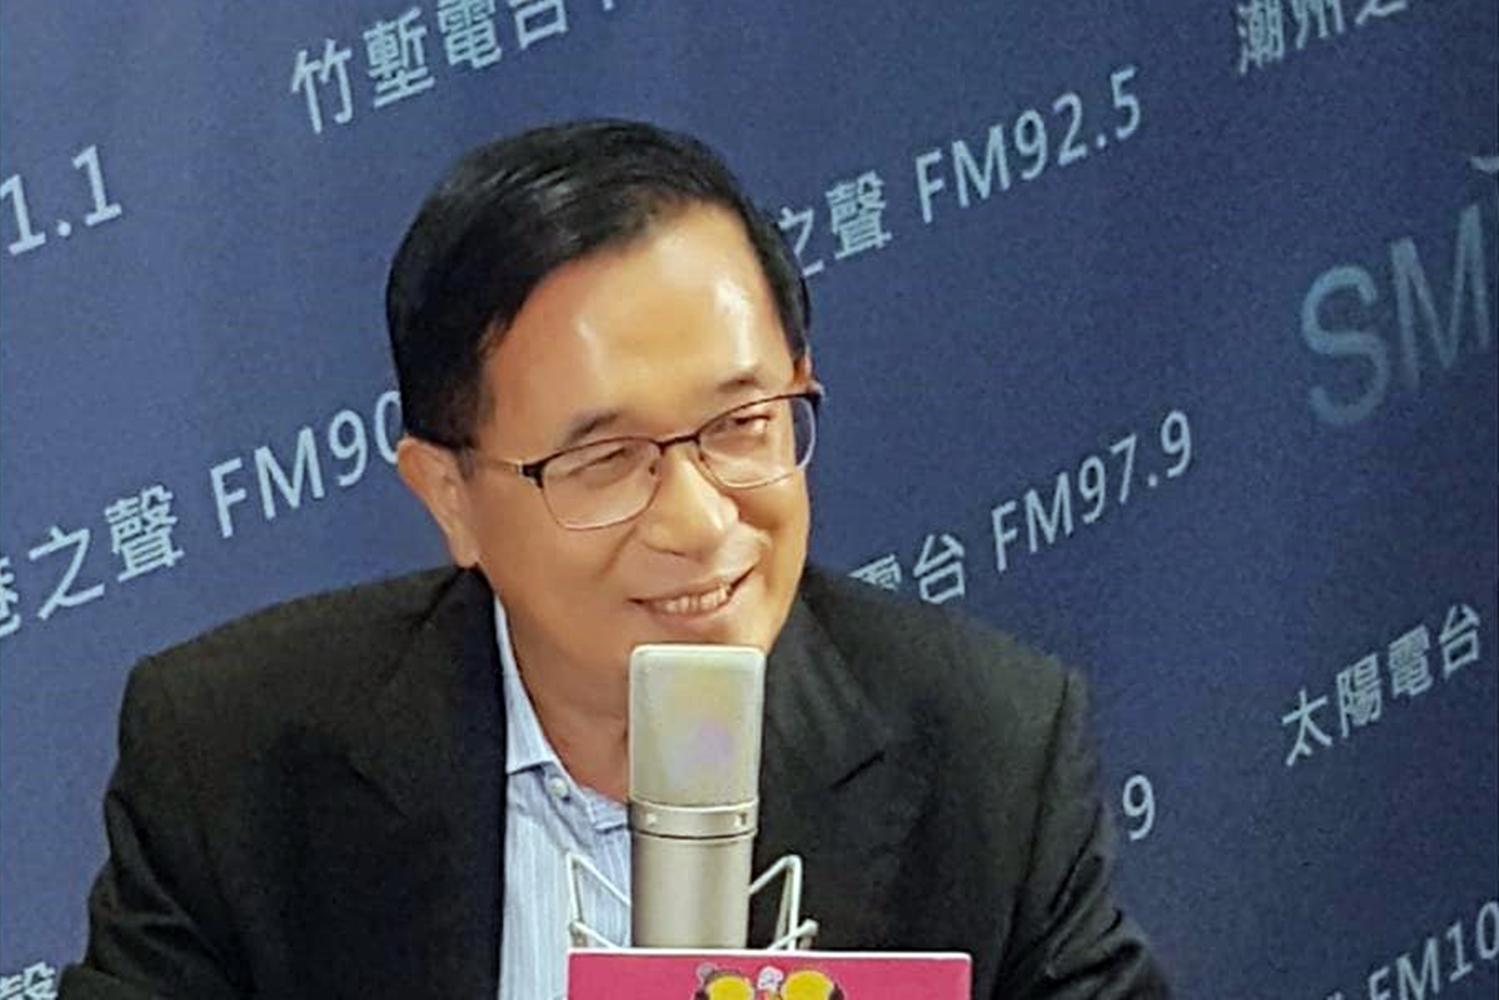 陳水扁女婿趙建銘即將入獄 三井案定讞3年8個月